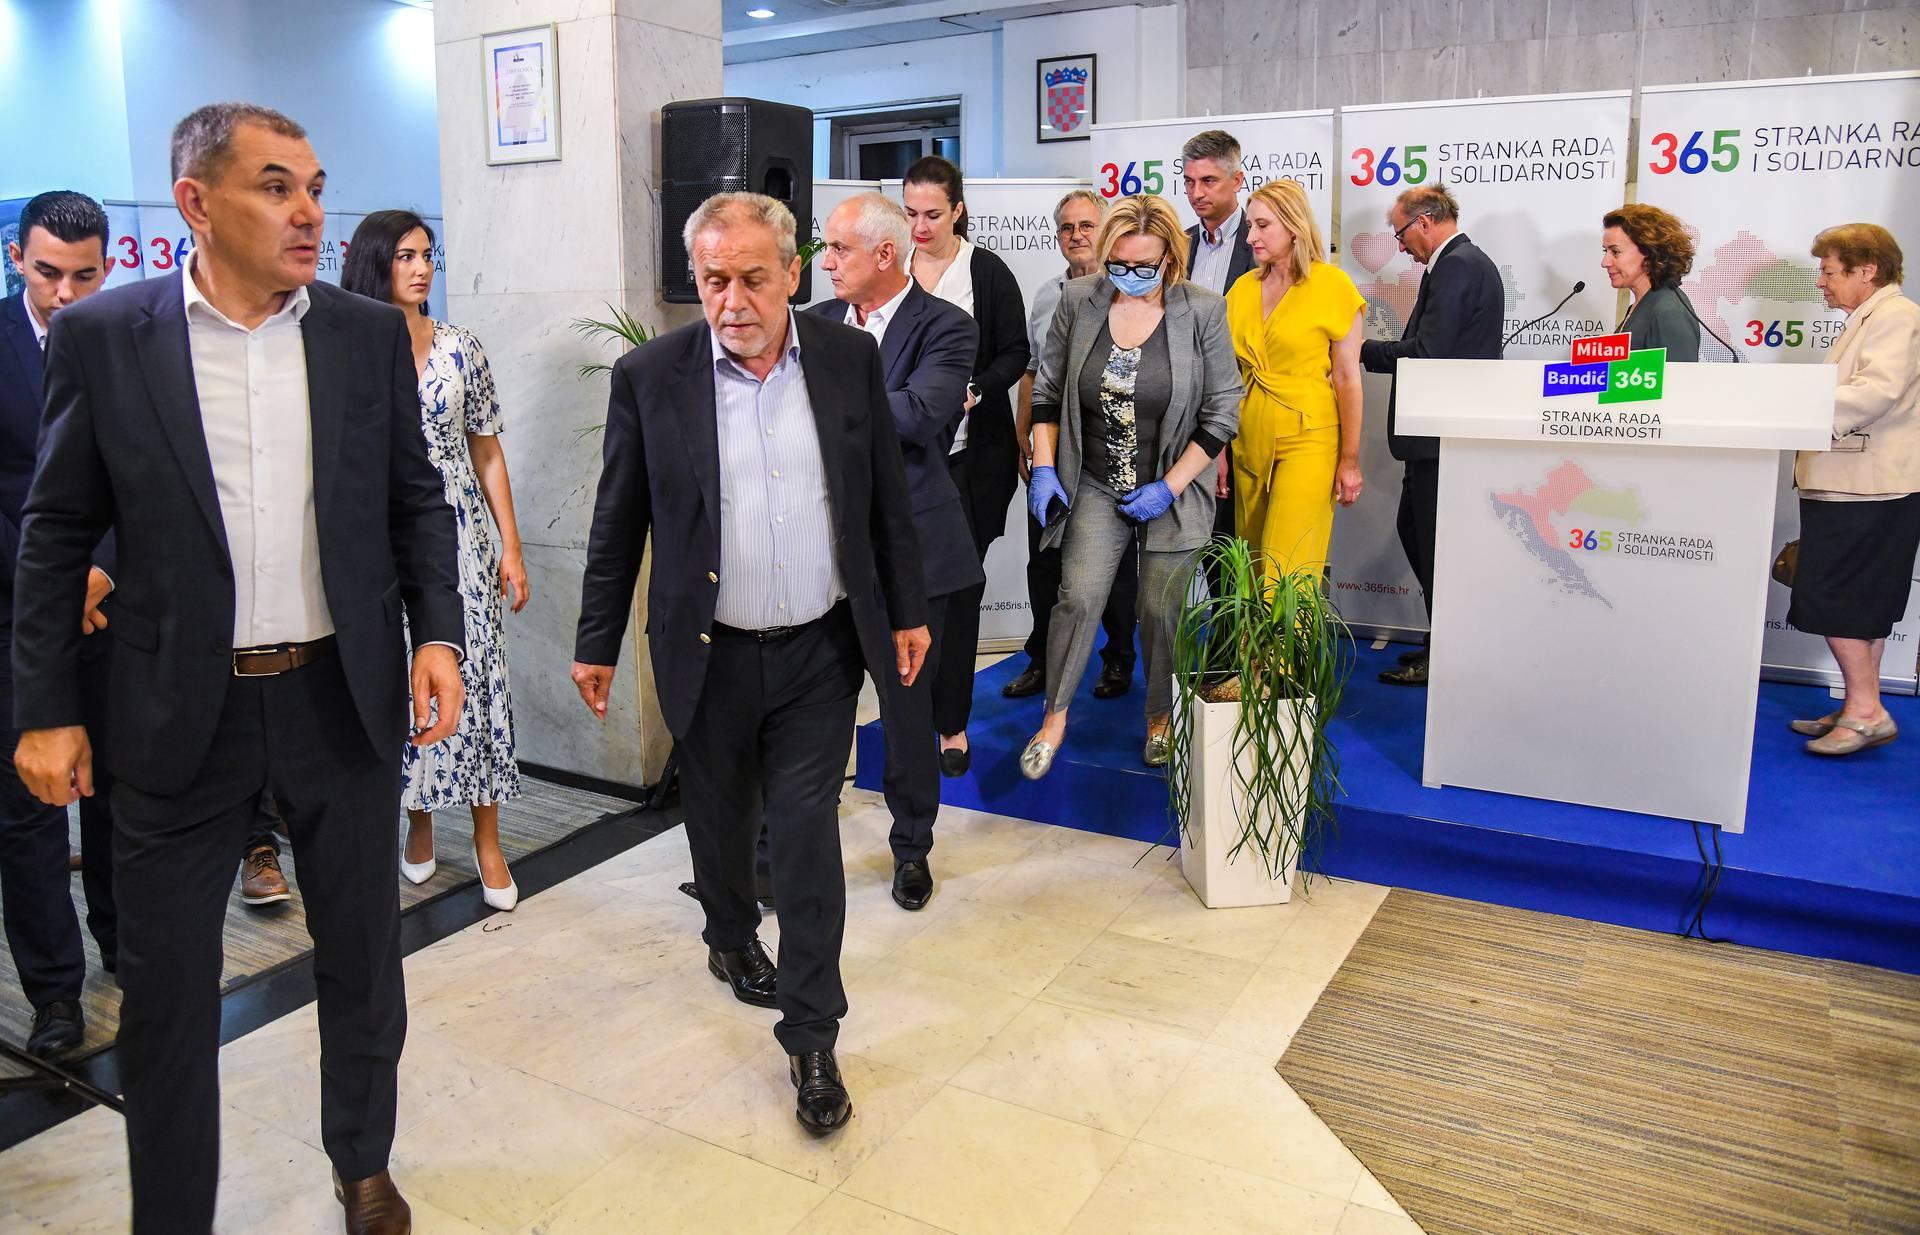 Zagreb: Milan Bandić komentirao rezultate svoje stranke na parlamentarnim izborima